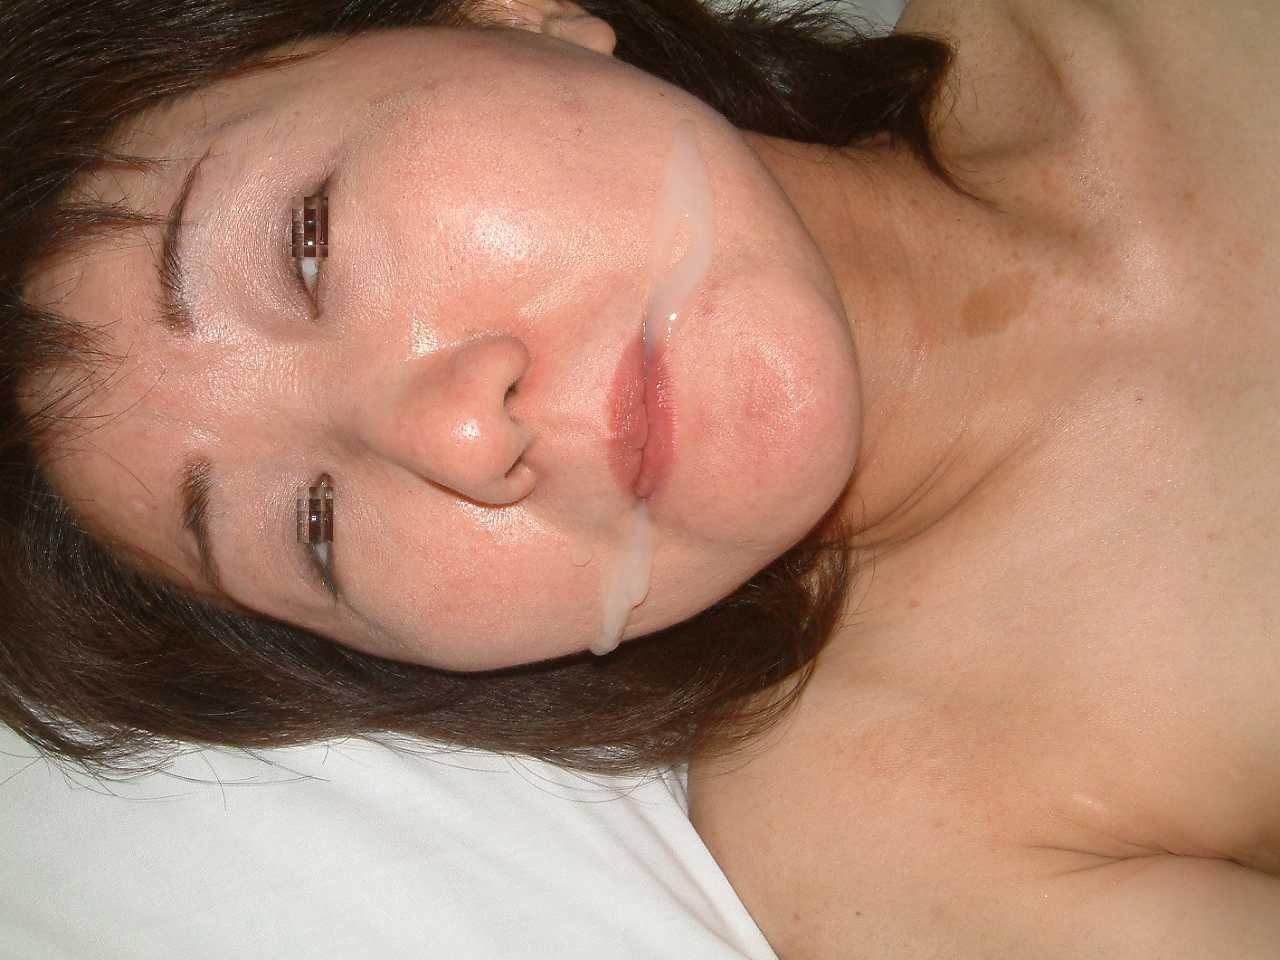 3日溜めたドロドロのザーメンを不倫してる素人妻に口内射精した結果wwwww 21133